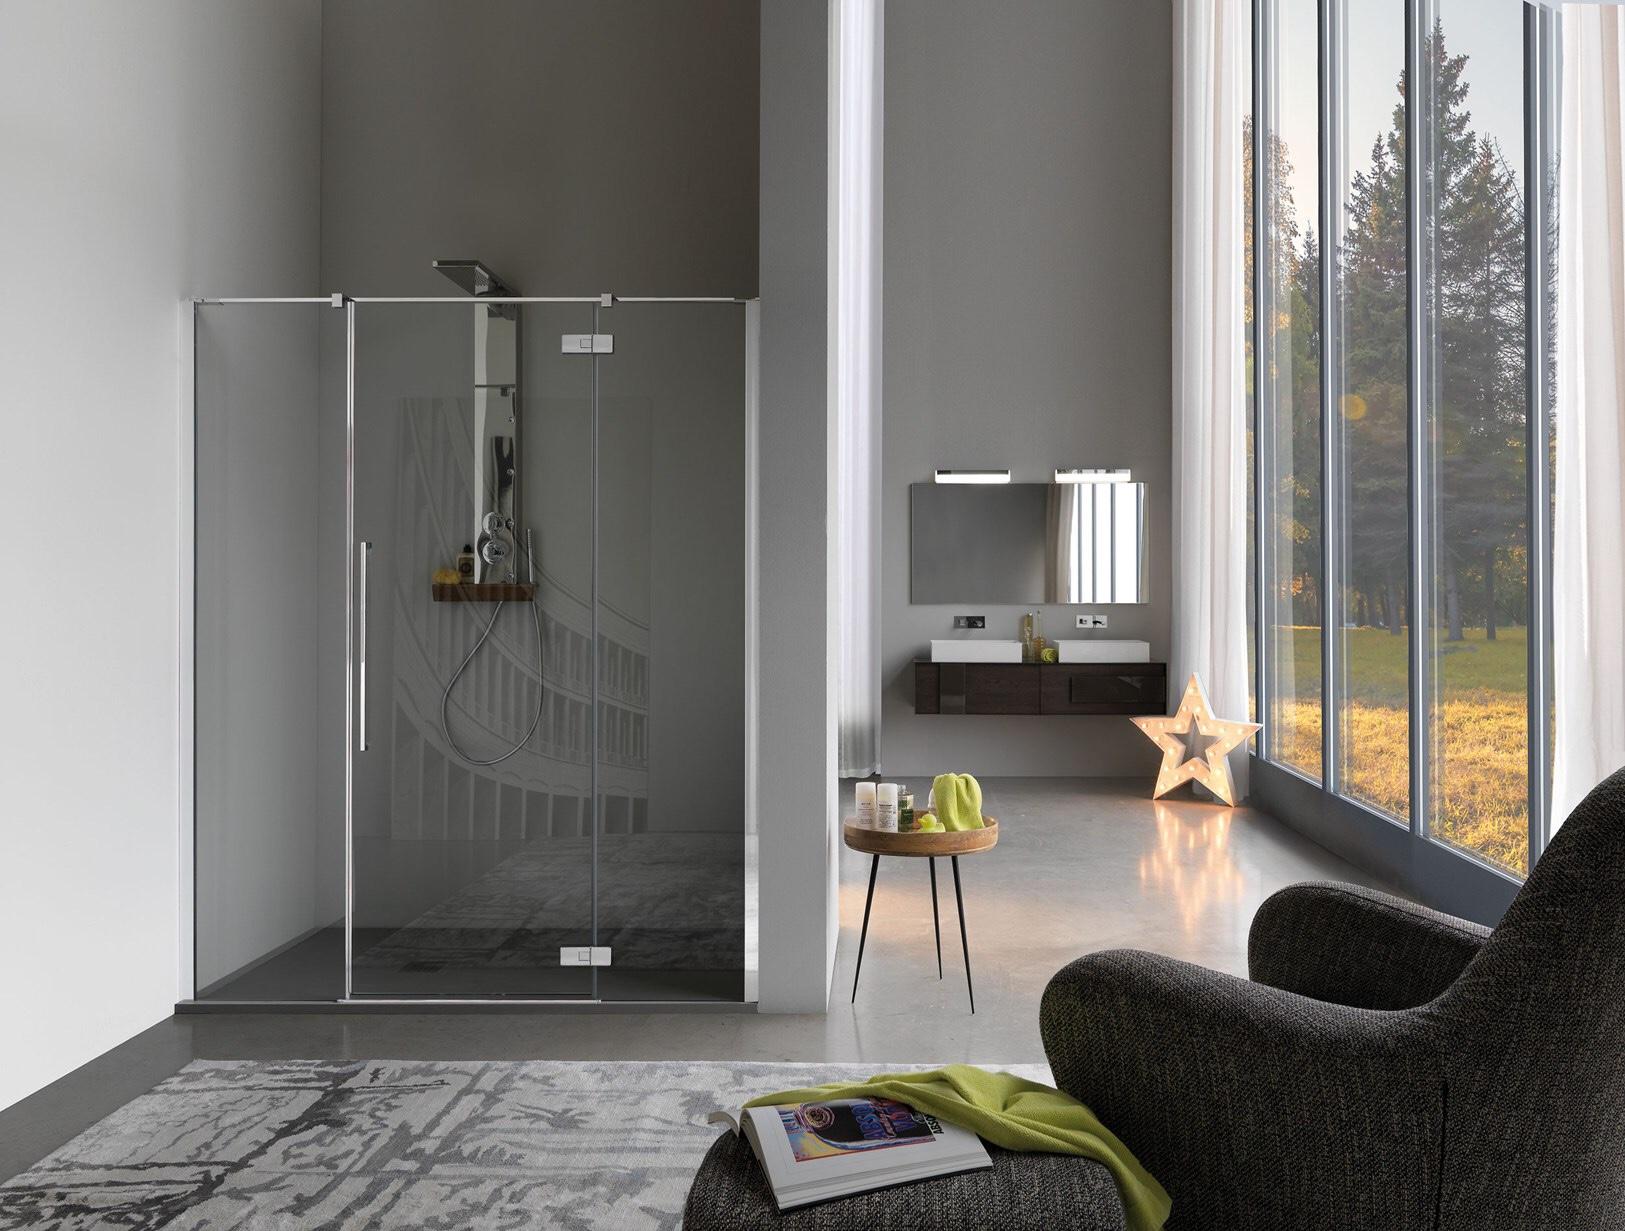 Cersaie 2018 box doccia piatti doccia arredo bagno Interior design tendenze ospitalità helparredo